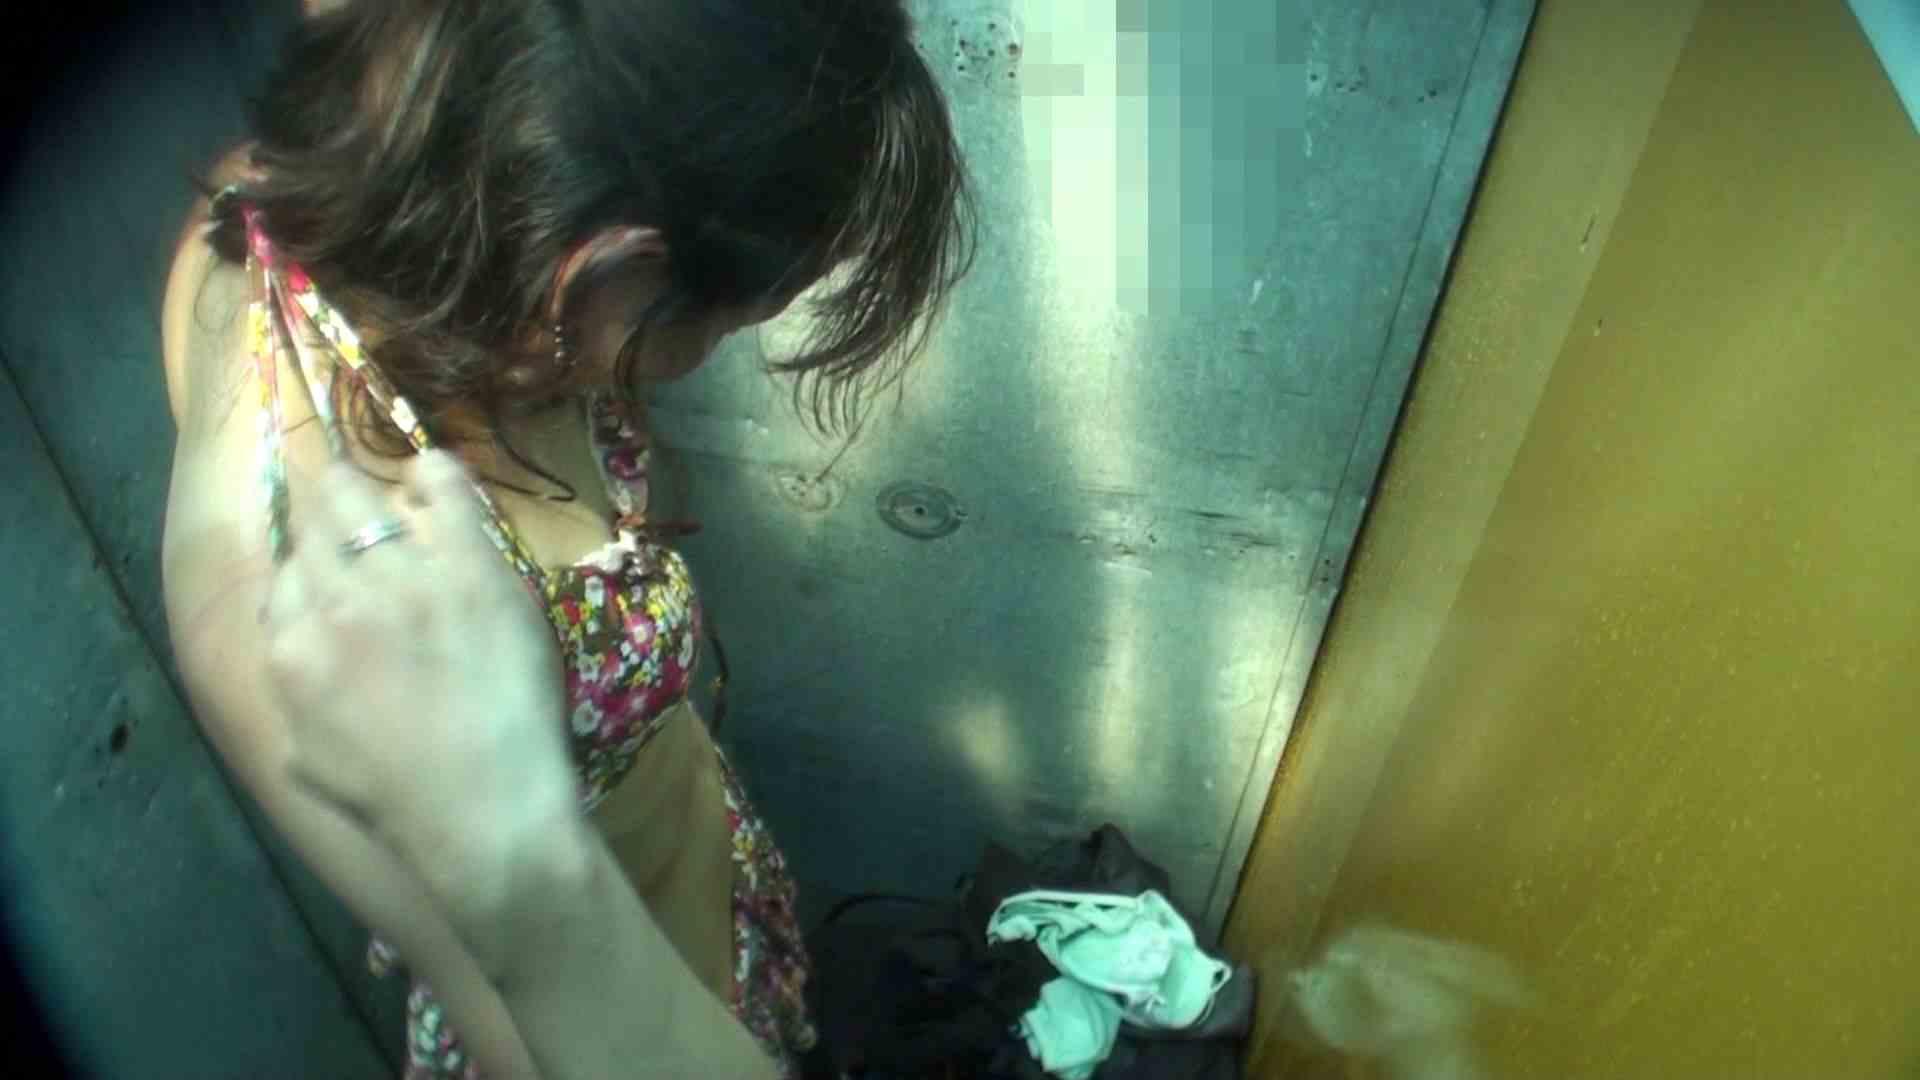 シャワールームは超!!危険な香りVol.16 意外に乳首は年増のそれ 高画質 | 乳首  44連発 21